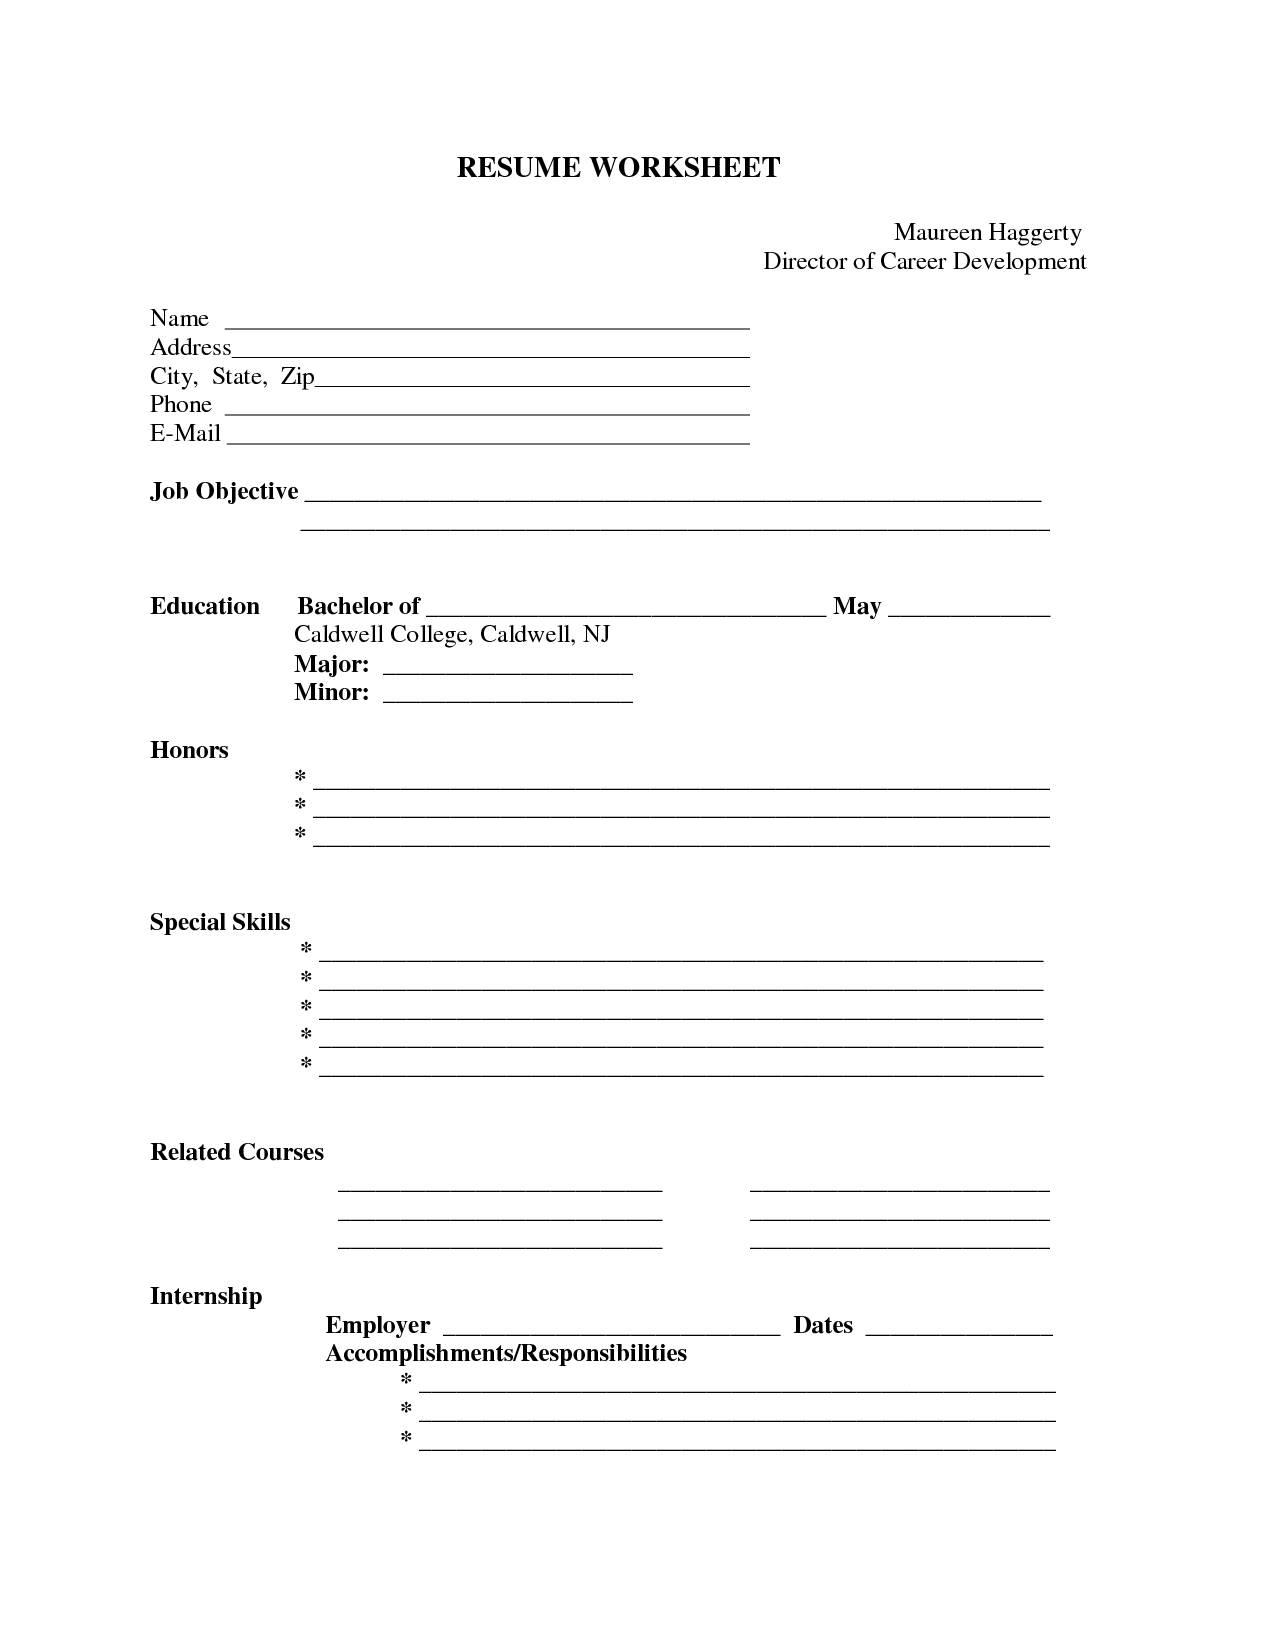 Blank Resume Form Worksheet Free Printable Resume Format | Resume - Free Blank Resume Forms Printable